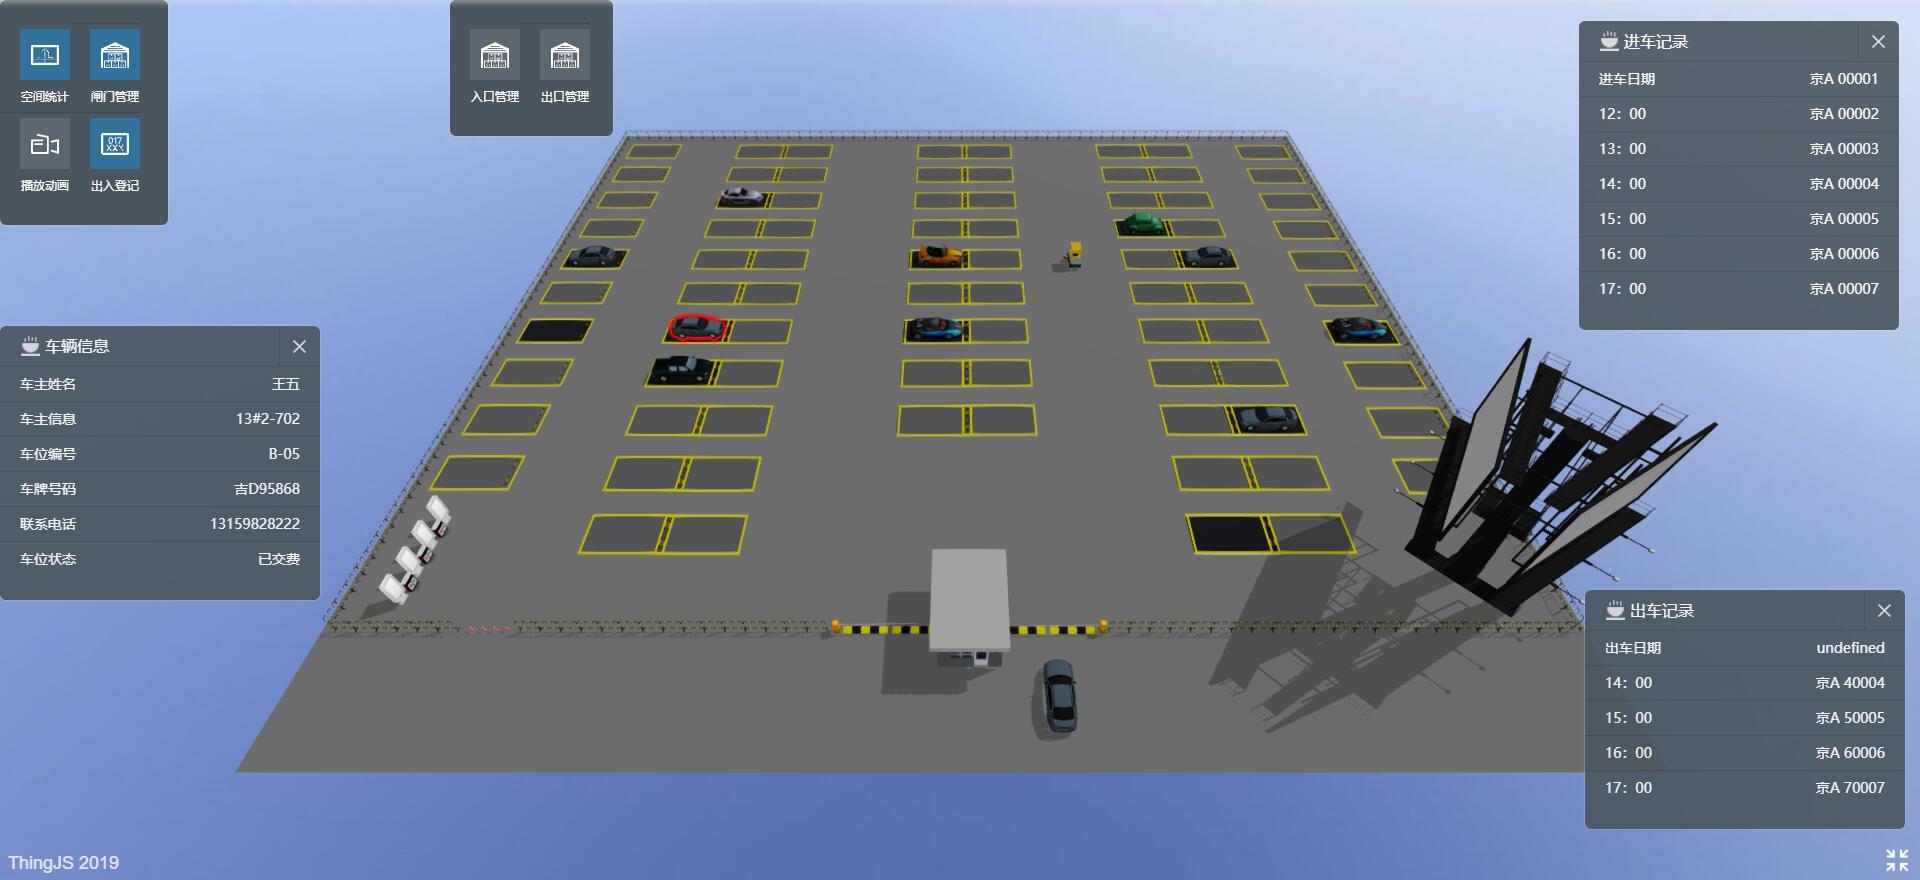 停车场三维可视化-总览